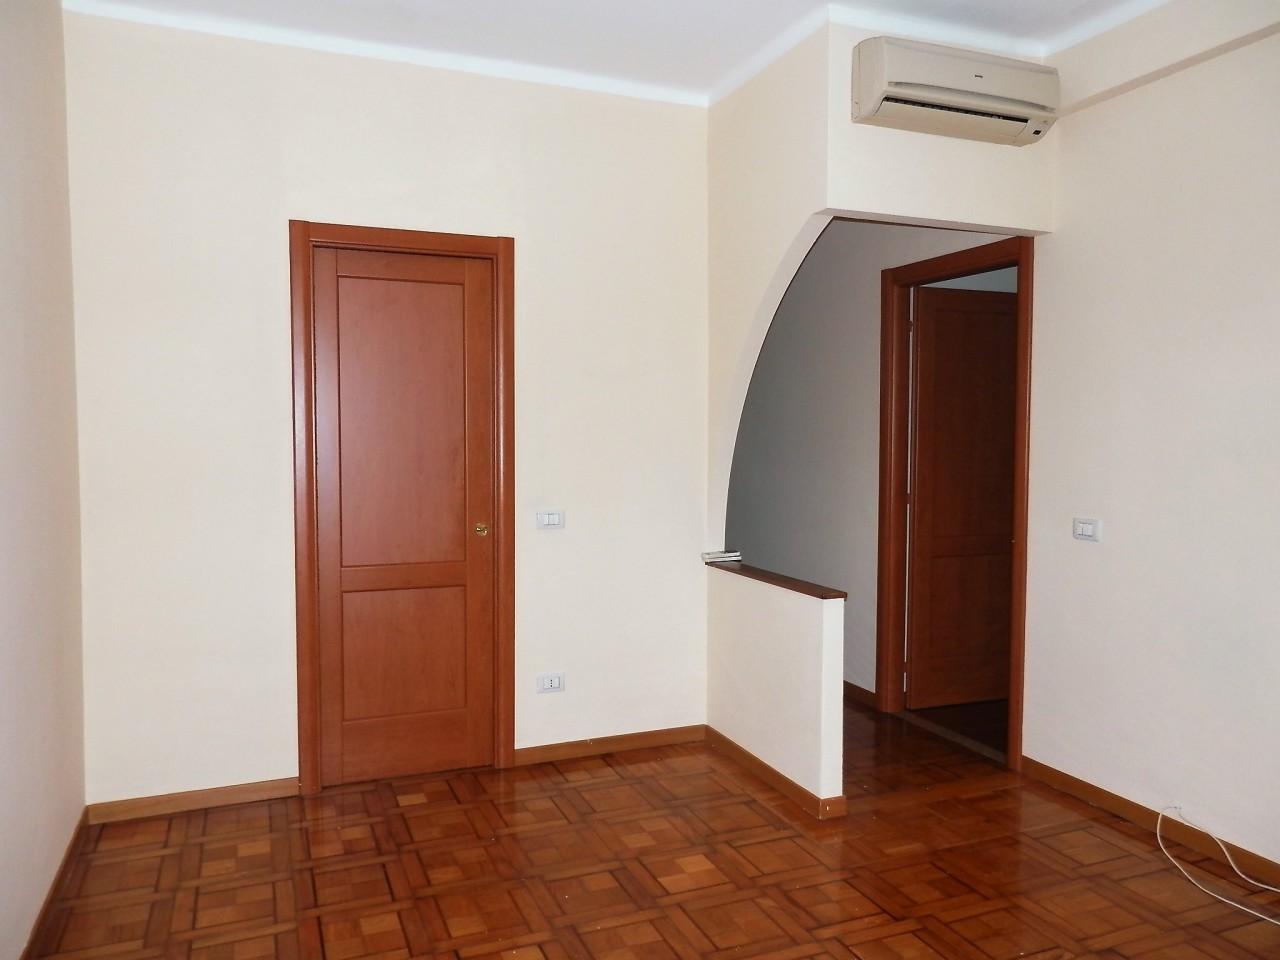 Appartamento in affitto a SanRemo, 5 locali, prezzo € 700 | PortaleAgenzieImmobiliari.it